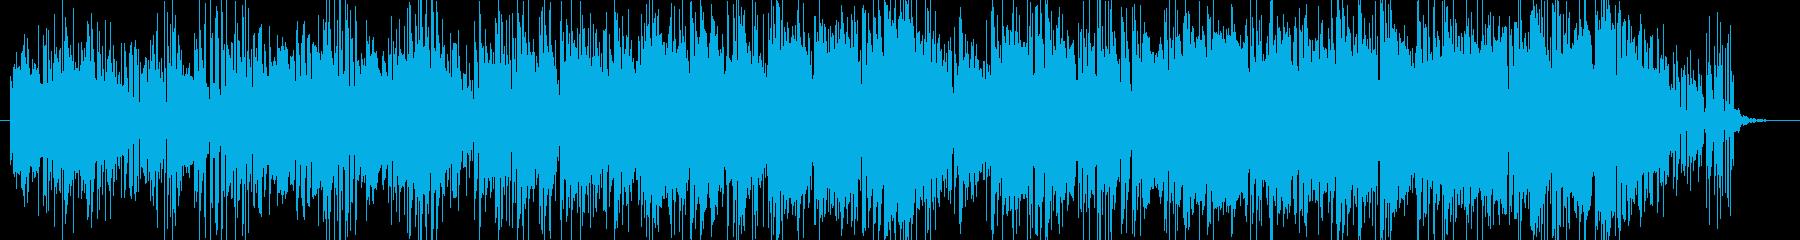 G線上のアリアのレゲエアレンジです。の再生済みの波形